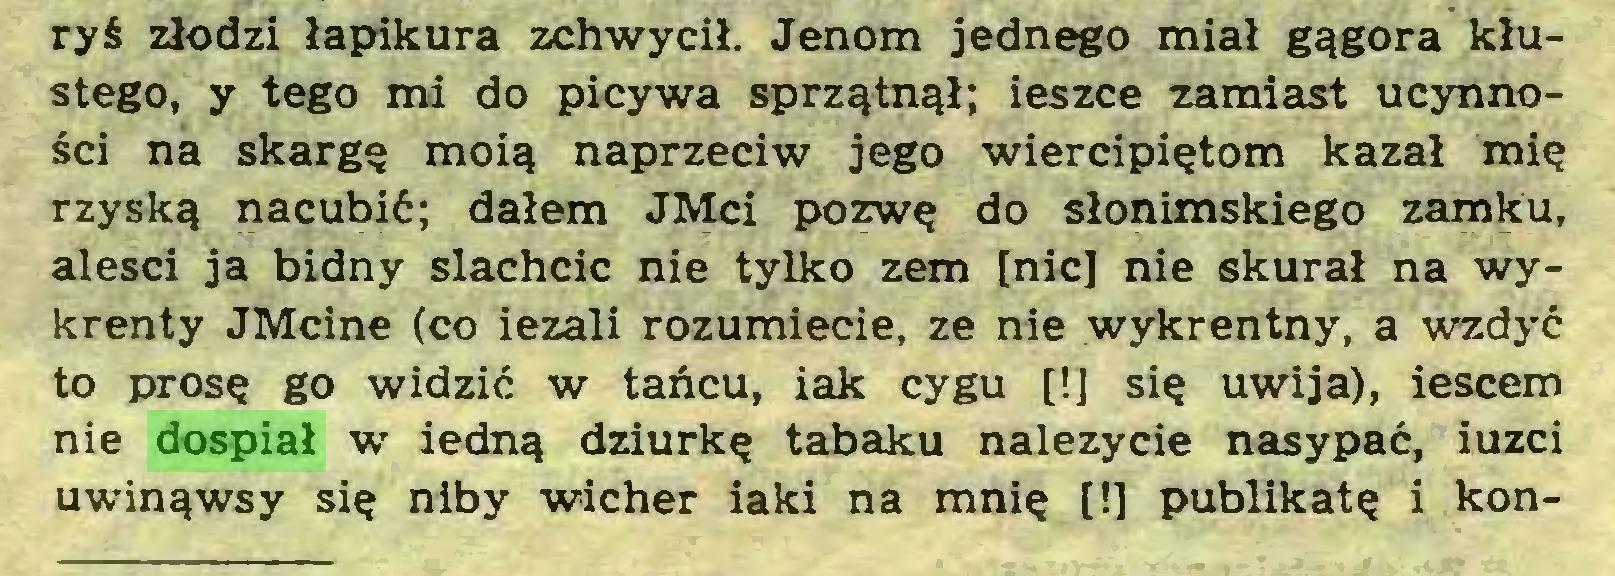 (...) ryś złodzi łapikura zchwycił. Jenom jednego miał gągora kłustego, y tego mi do picywa sprzątnął; ieszce zamiast ucynności na skargę moią naprzeciw jego wiercipiętom kazał mię rzyską nacubić; dałem JMci pozwę do Słonimskiego zamku, alesci ja bidny slachcic nie tylko zem [nic] nie skurał na wykrenty JMcine (co iezali rozumiecie, ze nie wykrentny, a wzdyć to prosę go widzić w tańcu, iak cygu [!] się uwija), iescem nie dospiał w iedną dziurkę tabaku należycie nasypać, iuzci uwinąwsy się niby wicher iaki na mnię [!] publikatę i kon...